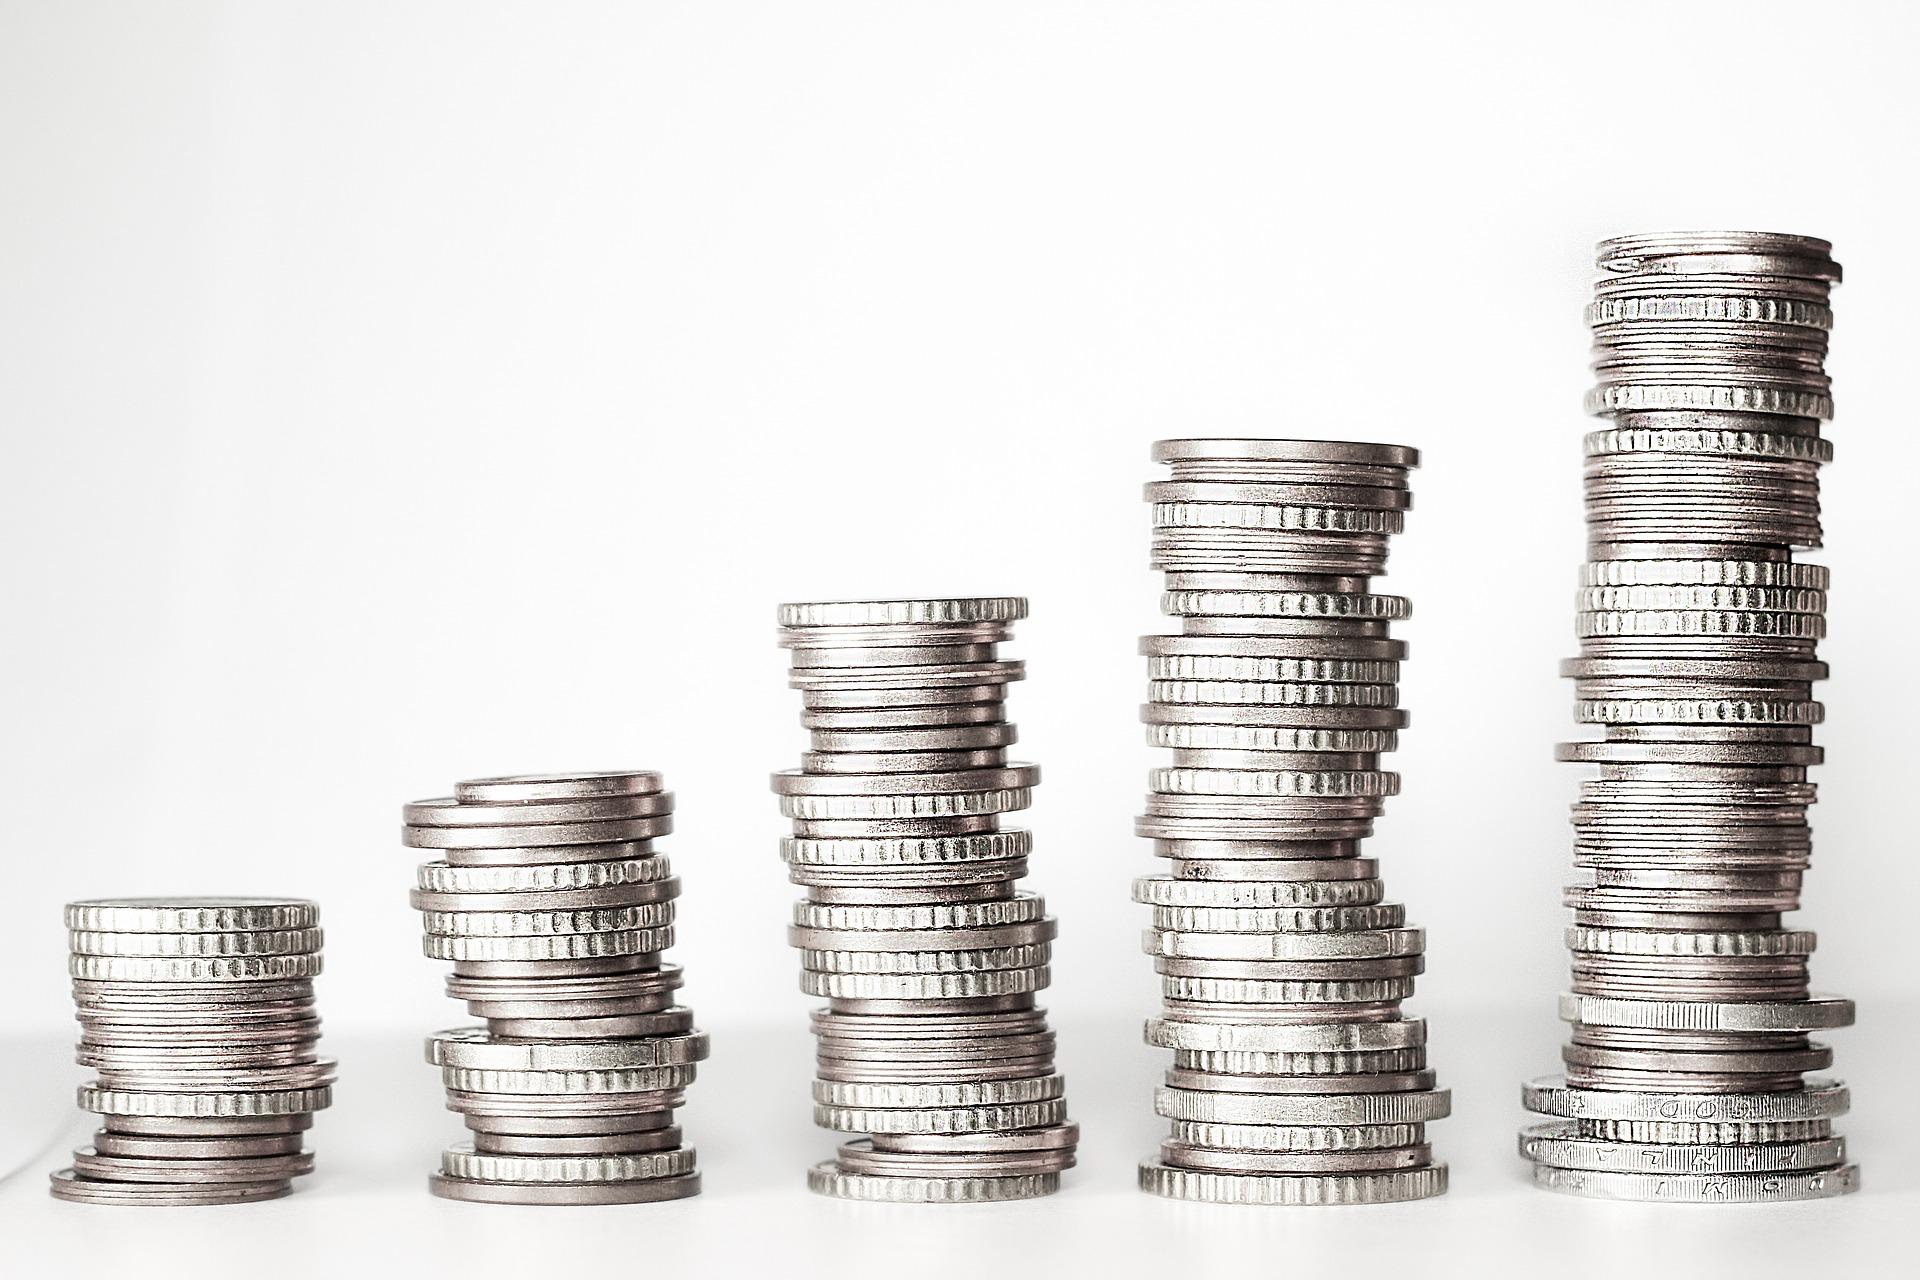 Steigerung der monatlichen Rentenhöhe um 40 %